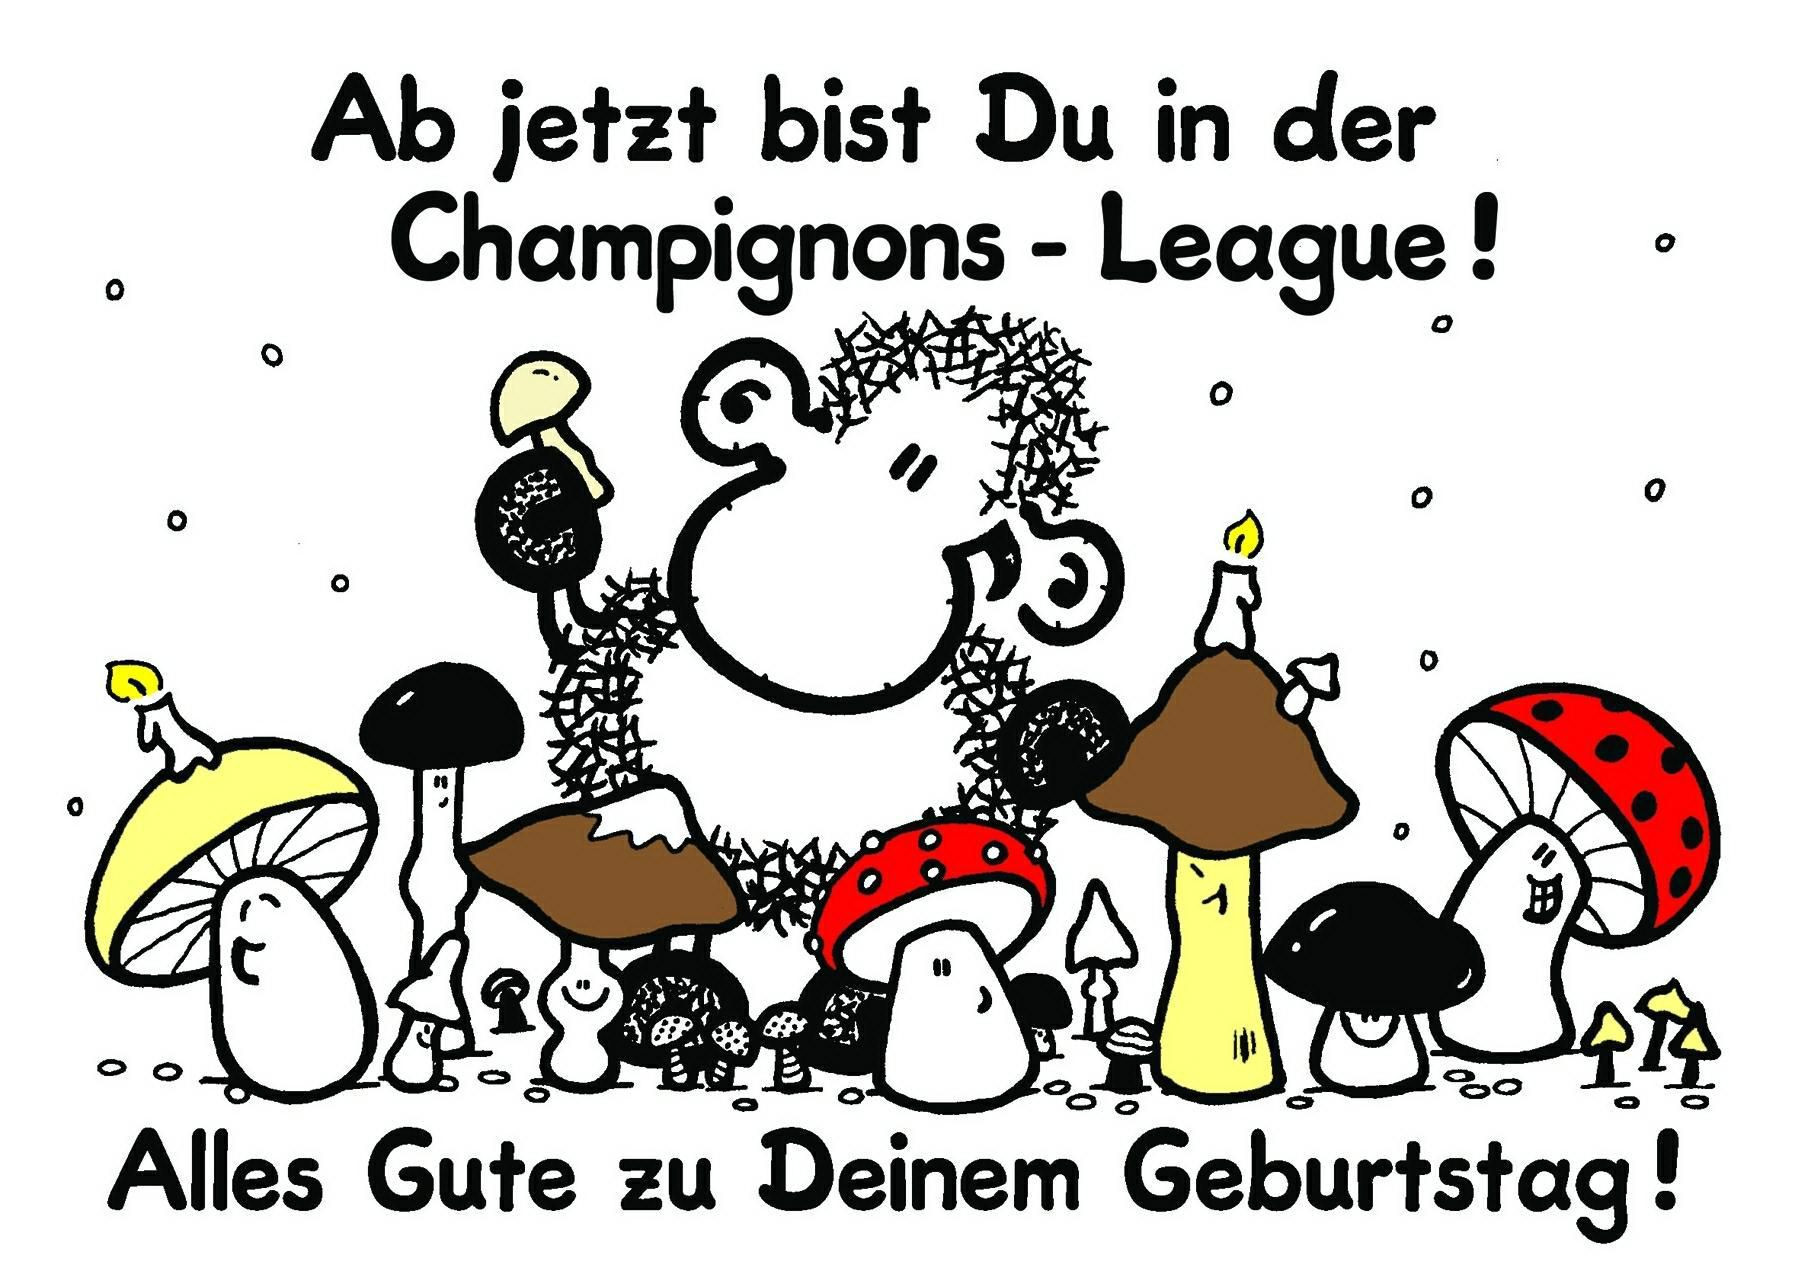 Geburtstagswünsche Sheepworld  Wir Wünschen Dir Alles Gute Zum Geburtstag Vor Allem